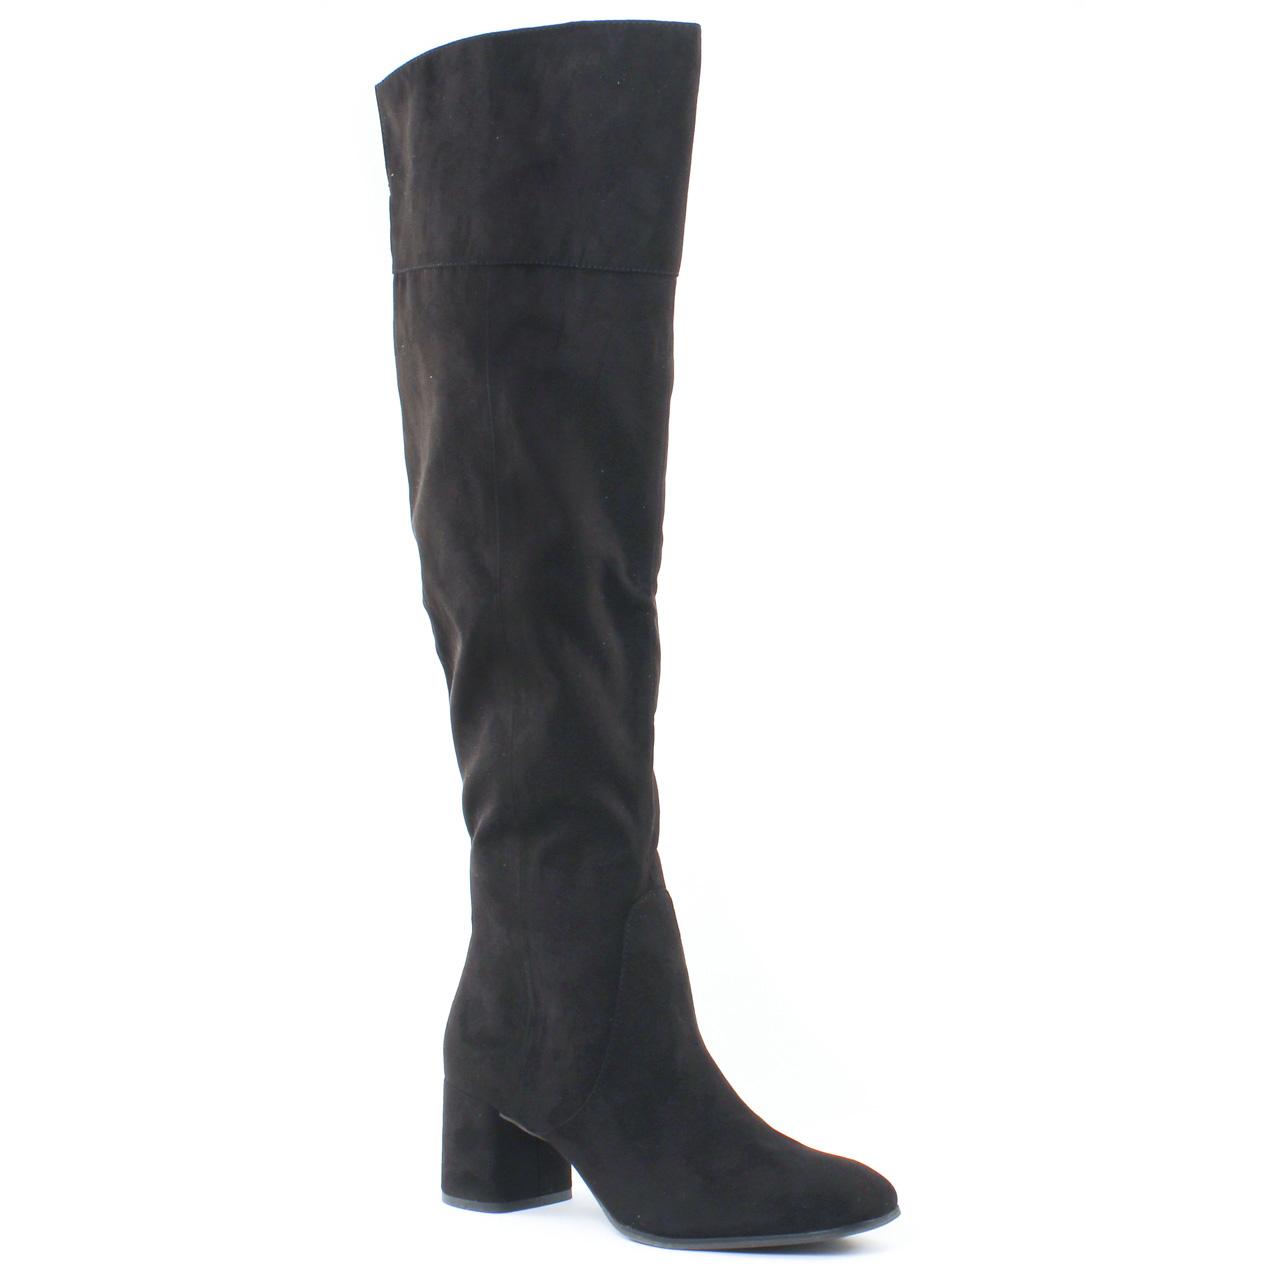 tamaris 25592 black botte cuissardes noir automne hiver chez trois par 3. Black Bedroom Furniture Sets. Home Design Ideas